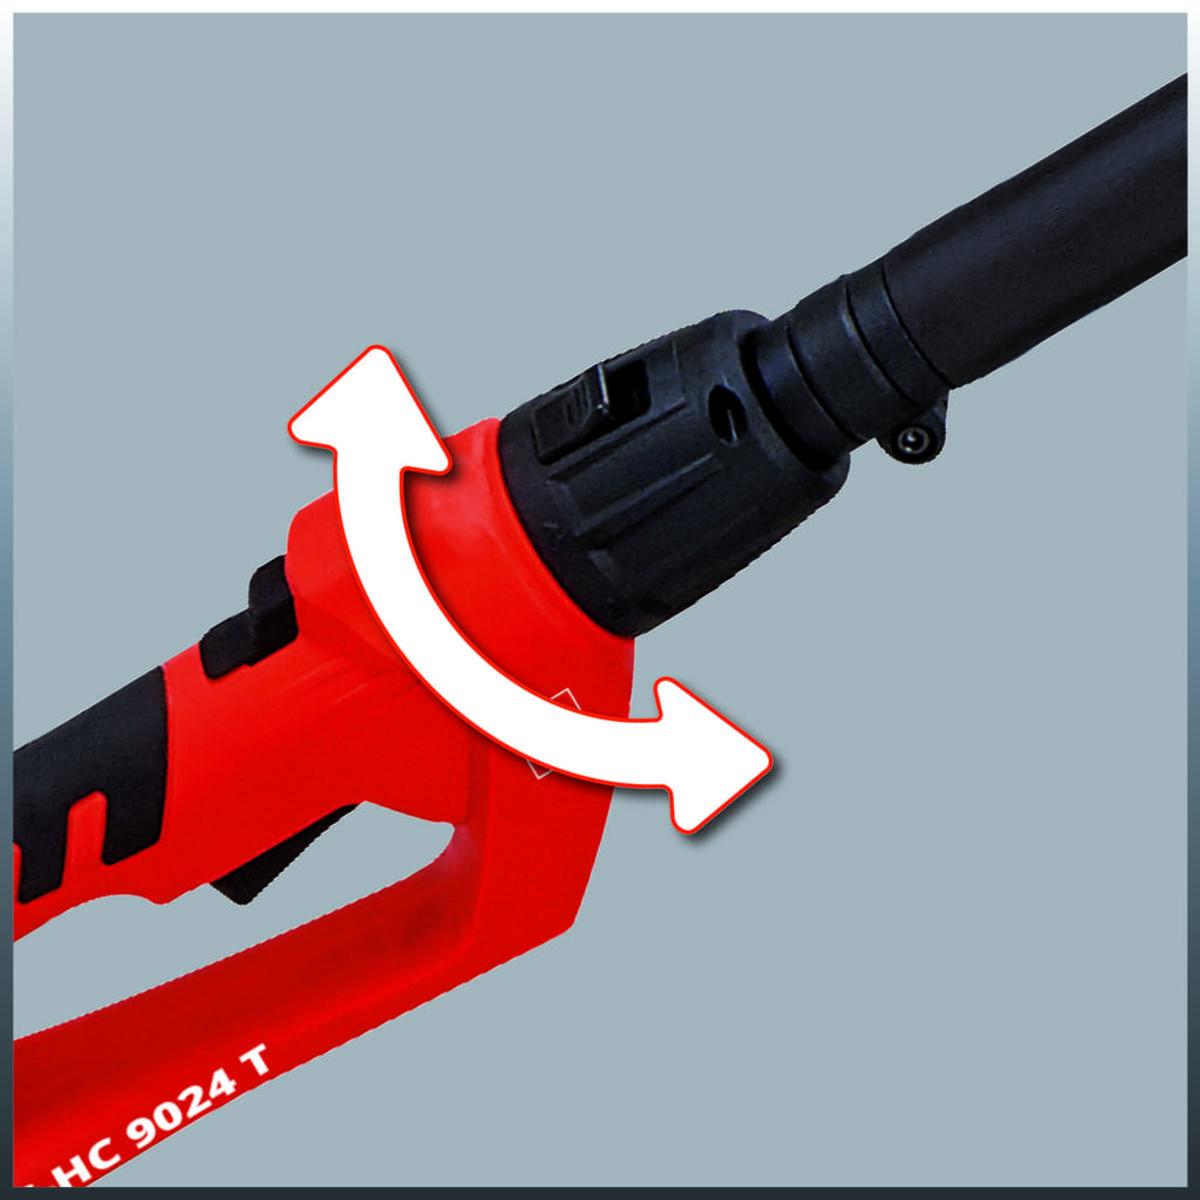 Bild 5 von Einhell Elektro Stab-Heckenschere / -Säge GC-HC 9024 T, Leistung 900 Watt, Schwertlänge Kettensäge 20 cm, Schwertlänge Heckenschere 480 mm, 4501280